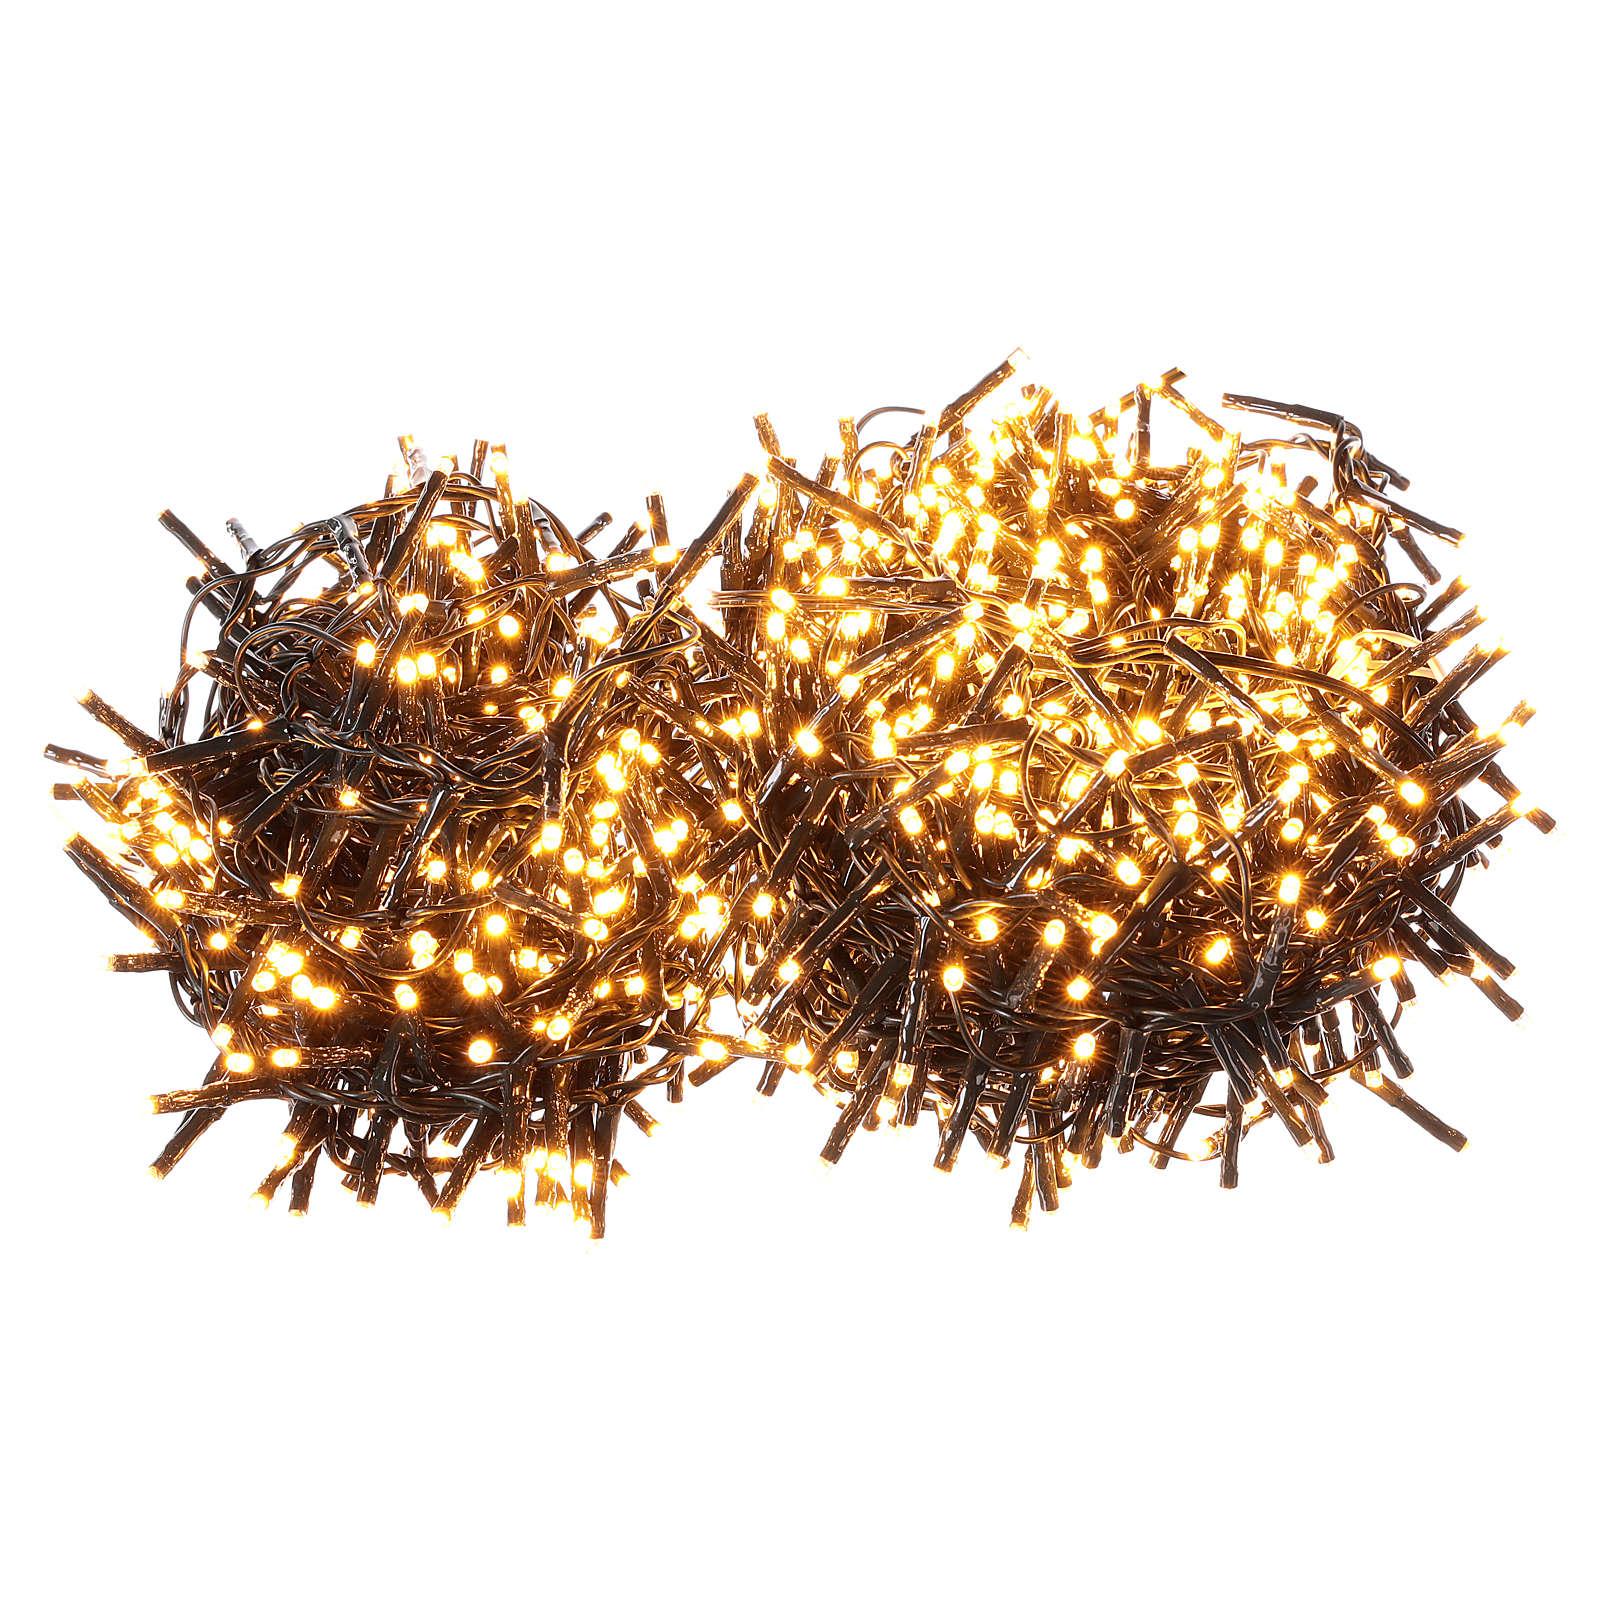 Catena luminosa 1200 bianco caldo ambrato esterno 220V 3